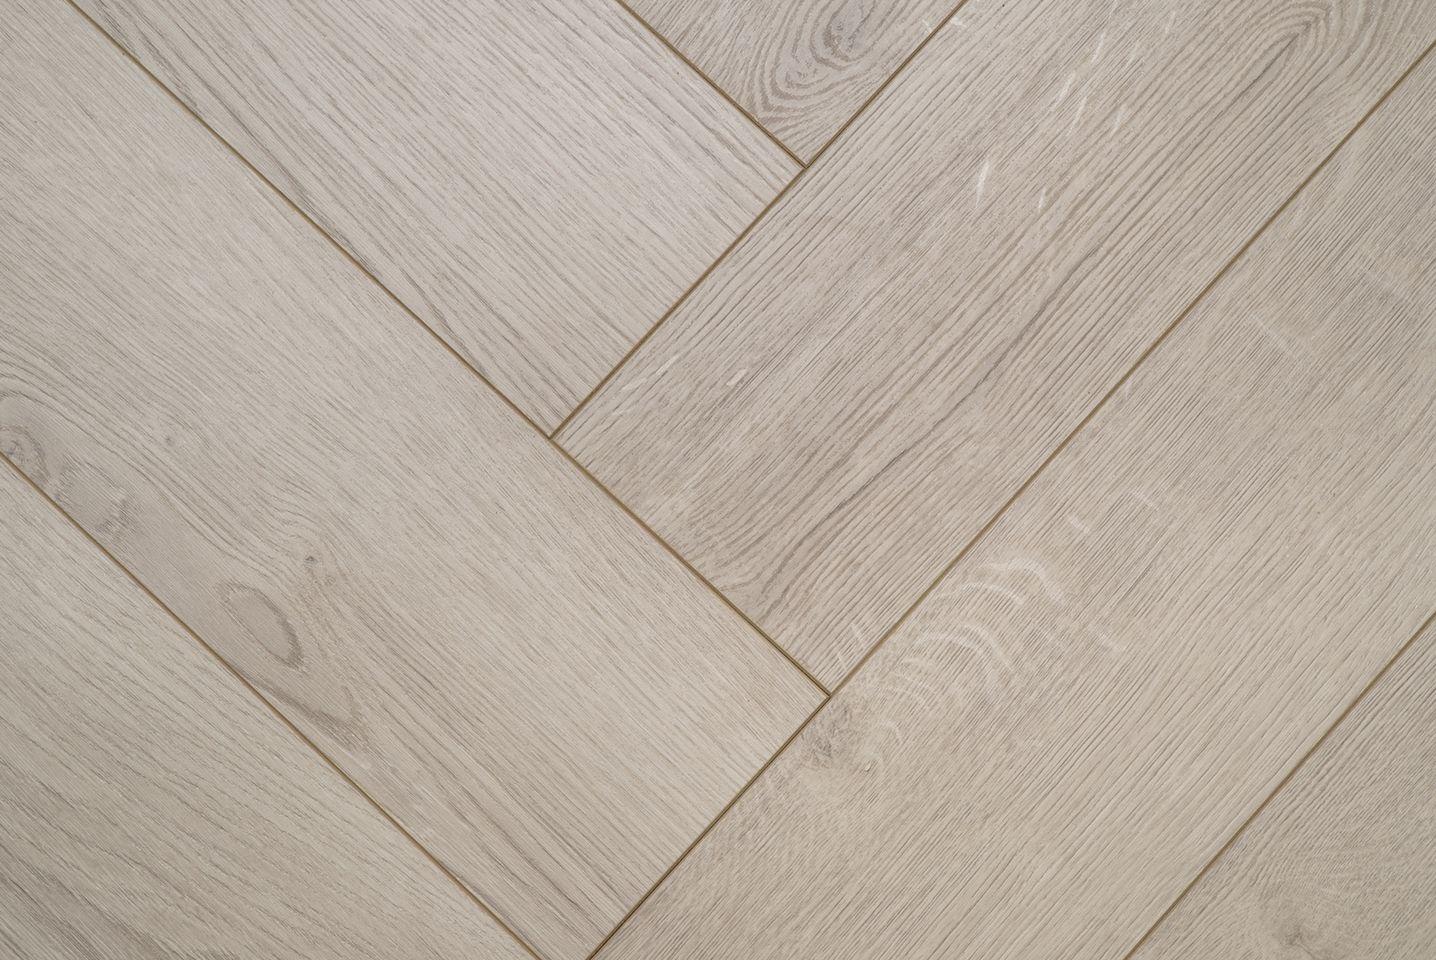 Licht eiken vloer best best eiken houten vloeren images on